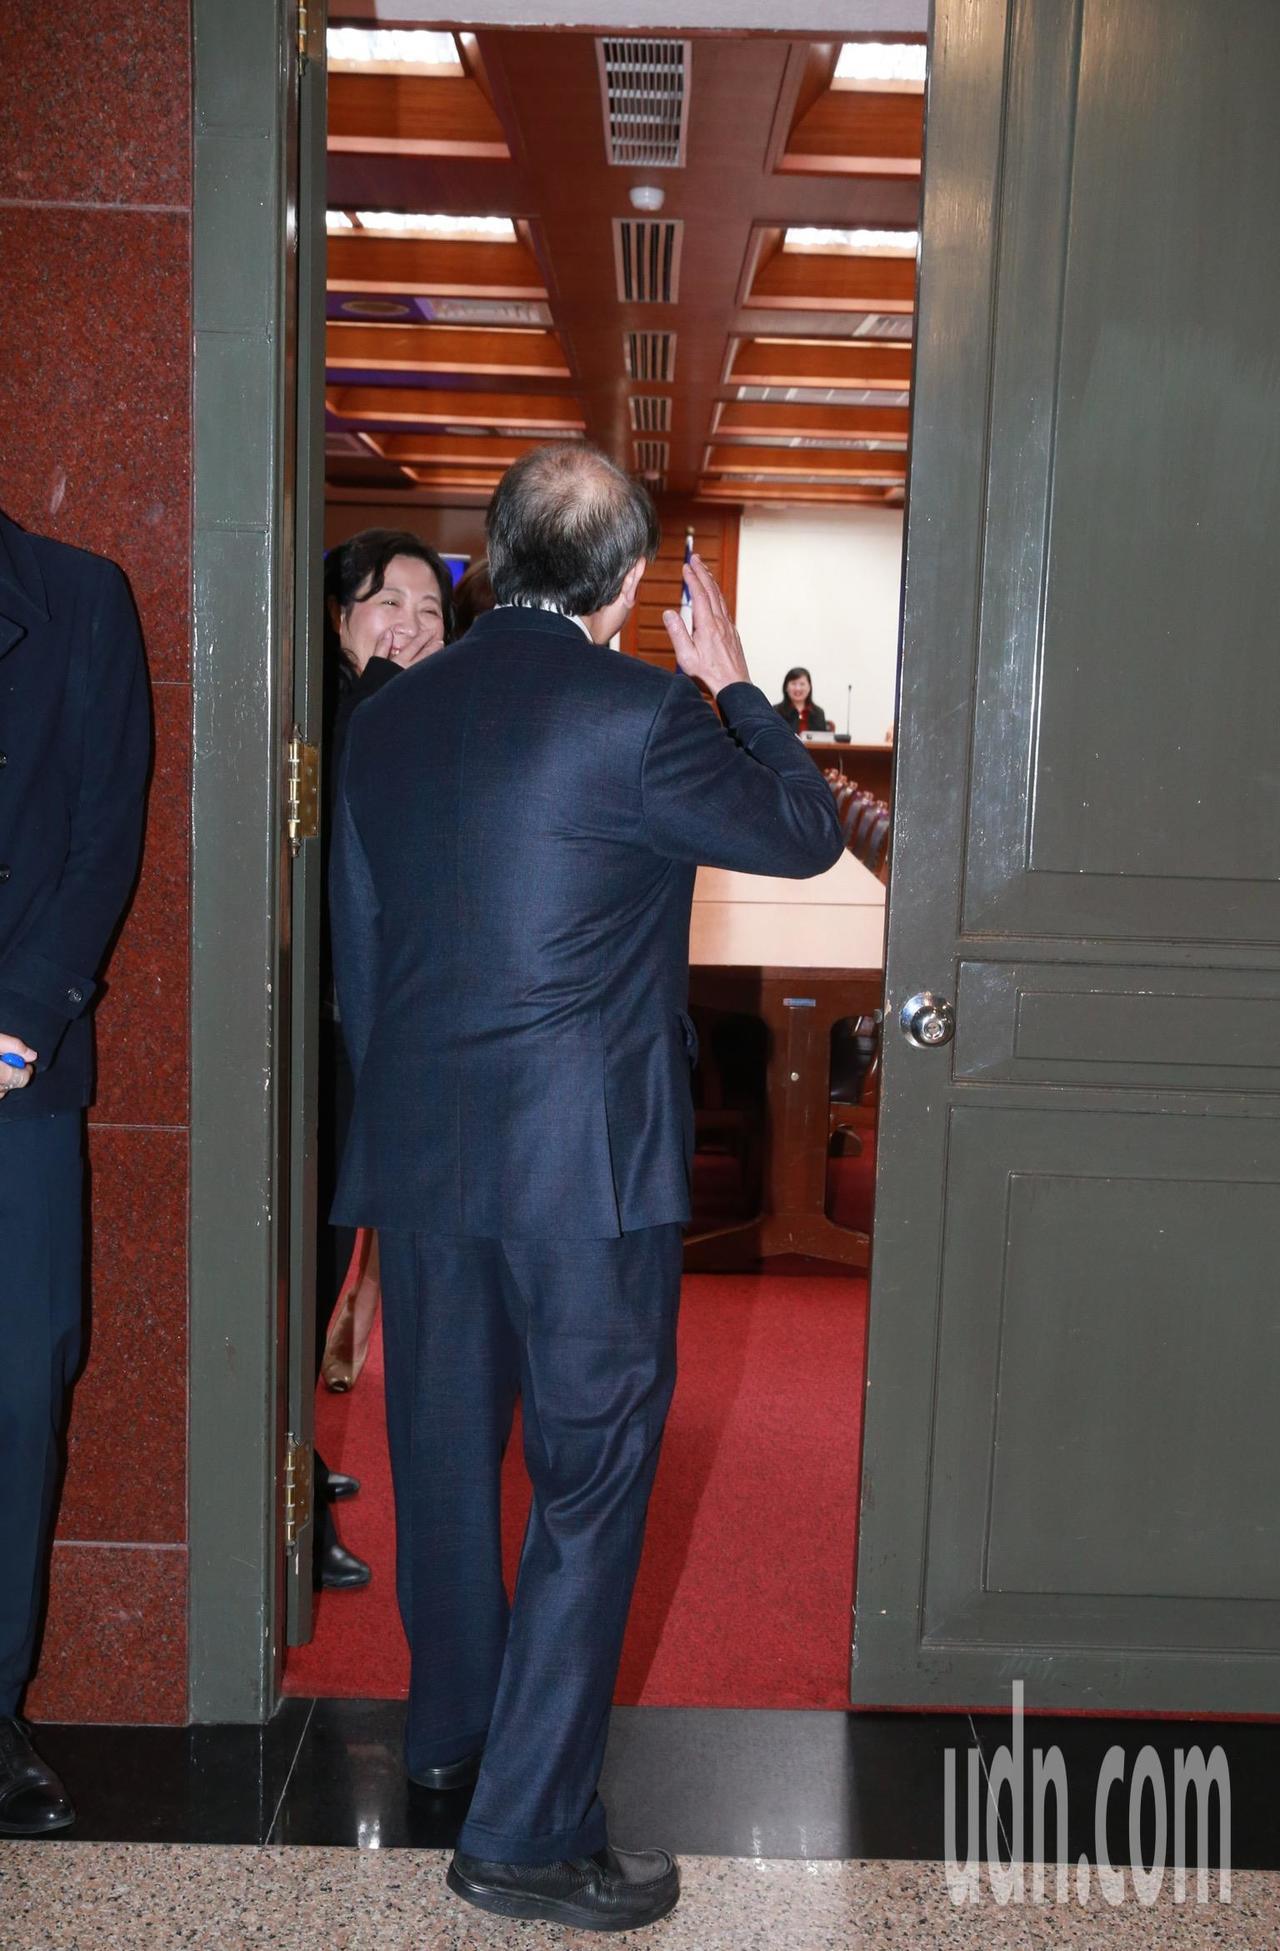 民進黨黨團總召柯建銘前來探視,但僅在門口揮手致意未進門,怕影響籤運。記者黃義書/...